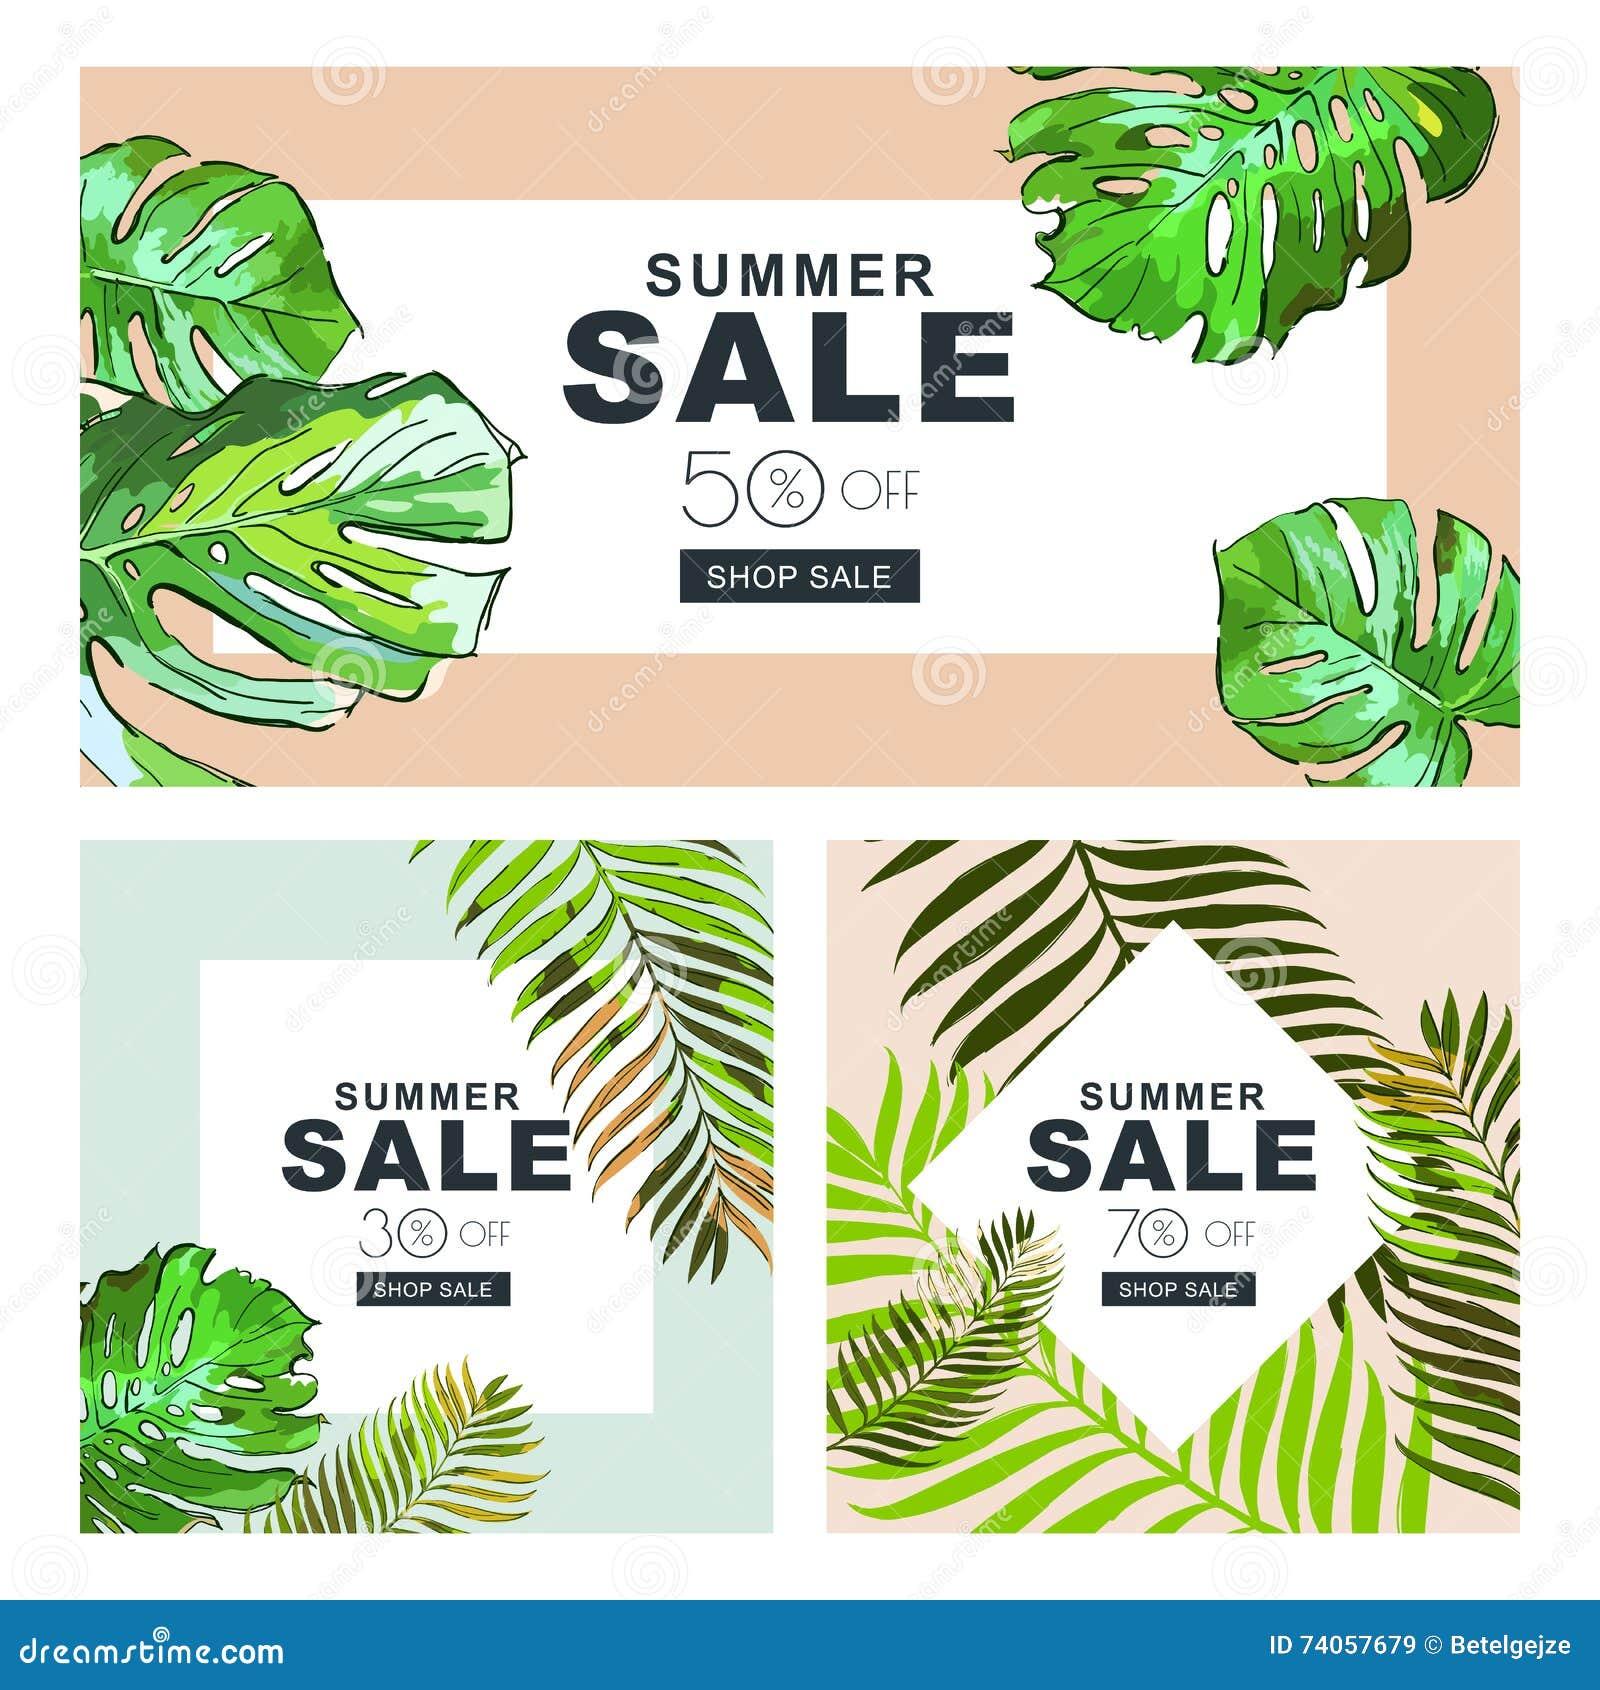 Uppsättning av sommarförsäljningsbaner med kokosnötpalmblad Vektorhorisontal- och fyrkantiga baner Sommaraffischbakgrund